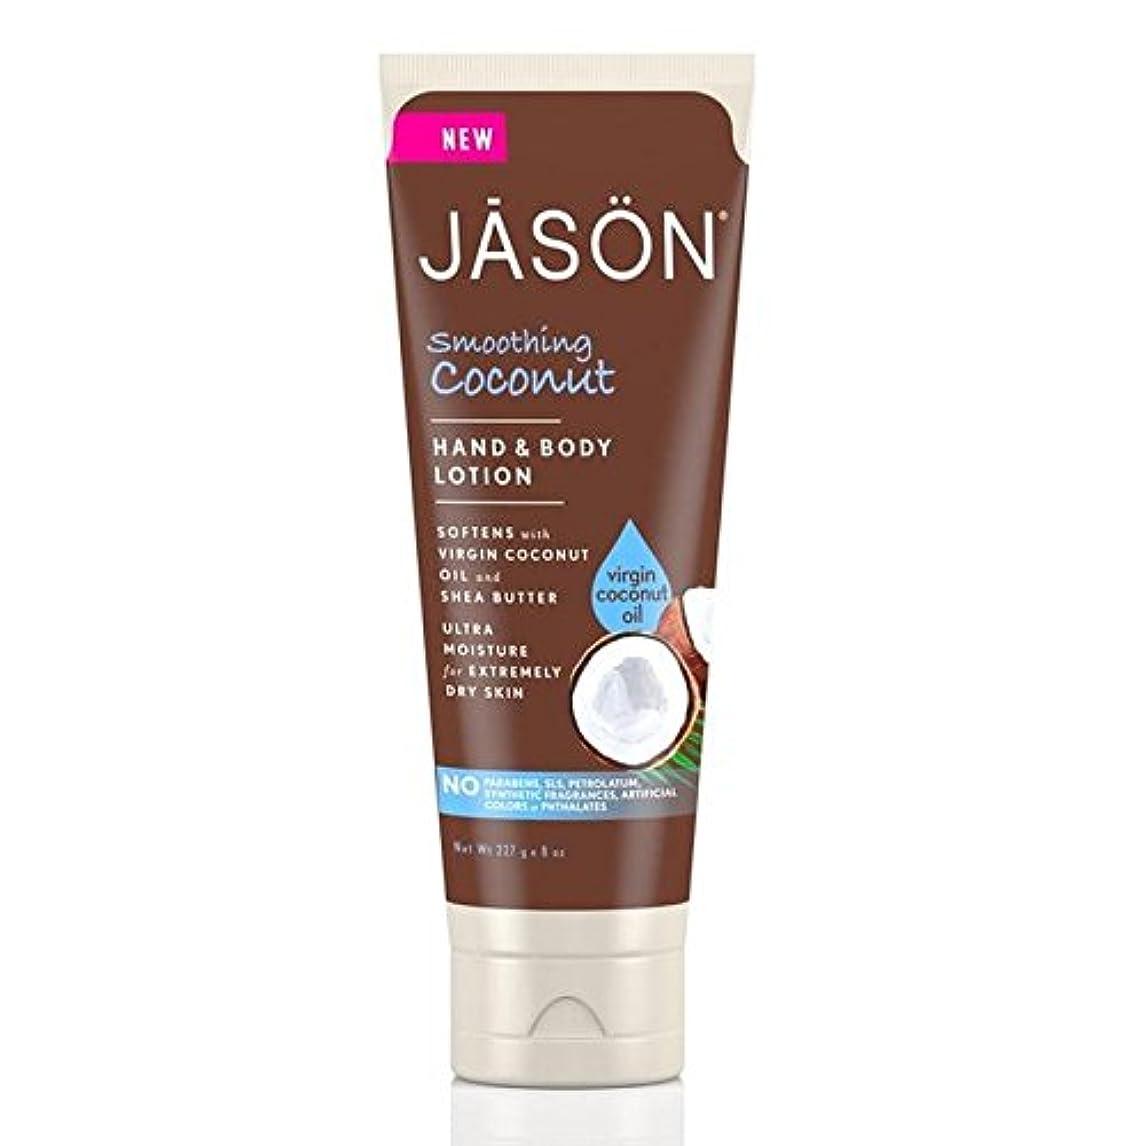 巻き戻すシエスタおめでとうJason Coconut Hand & Body Lotion 227g (Pack of 6) - ジェイソン?ココナッツハンド&ボディローション227グラム x6 [並行輸入品]